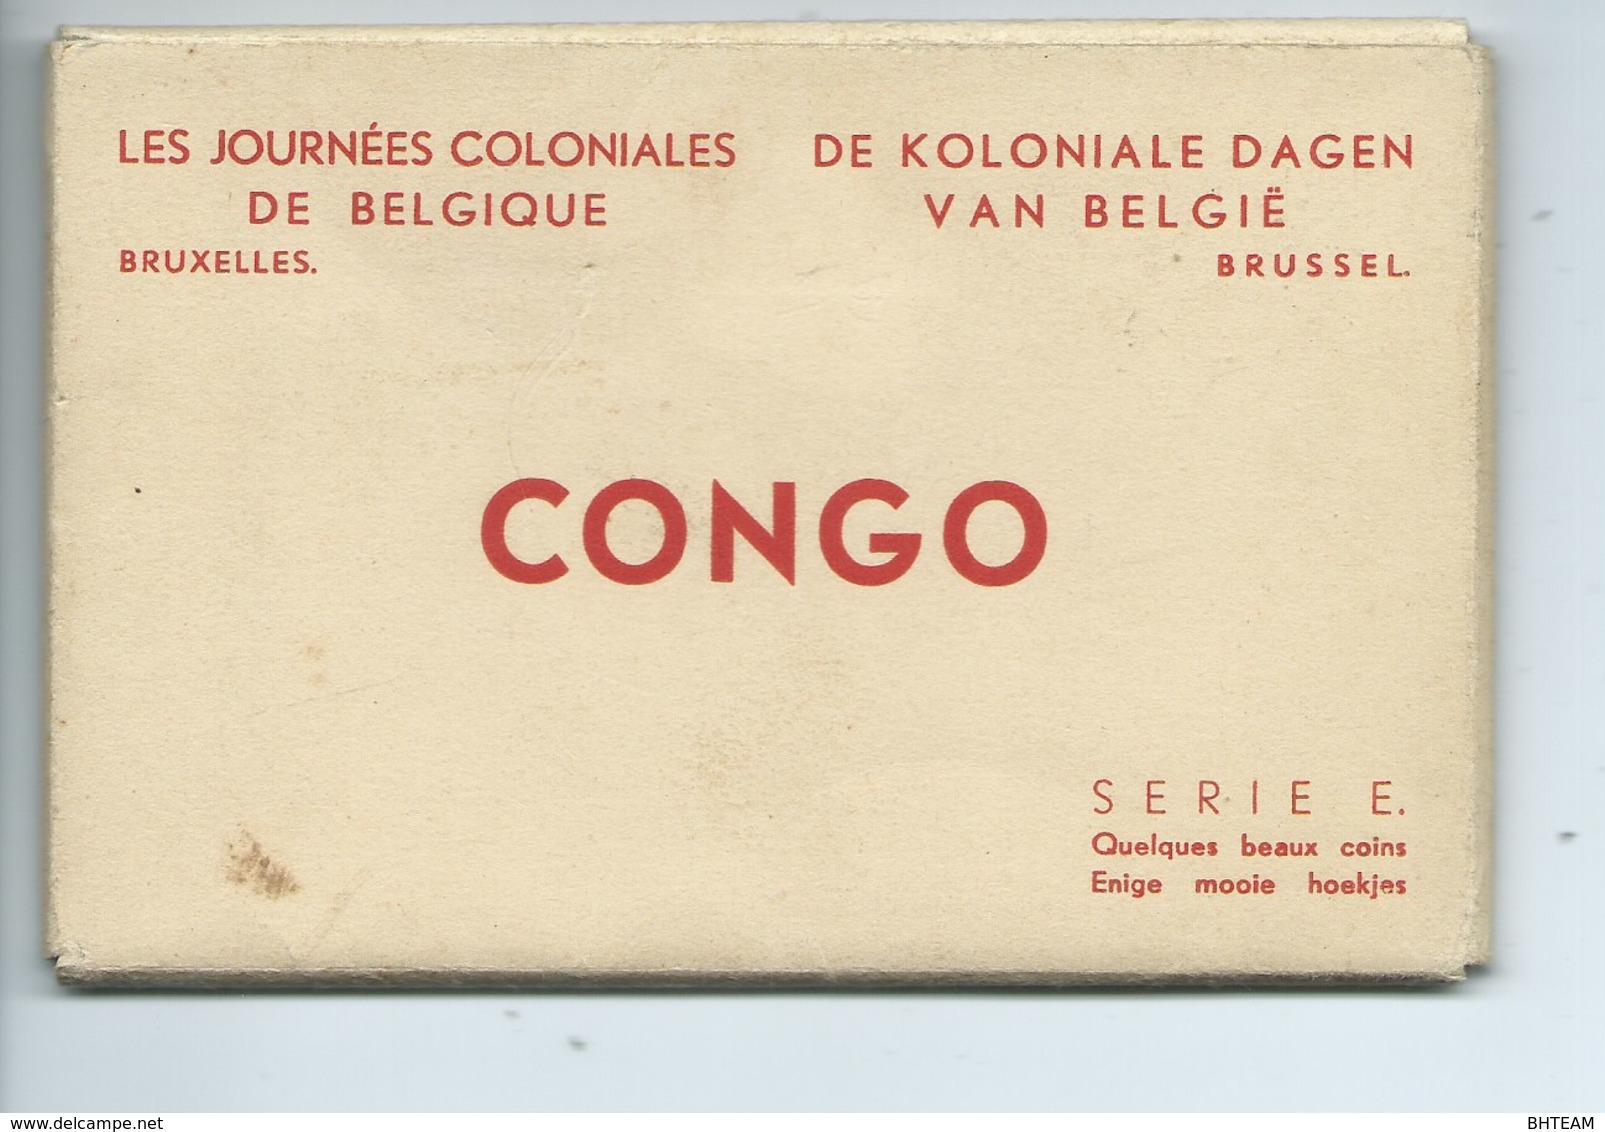 Congo Belge Les Journées Coloniales De Belgique ( Carnet De 12 Cartes ) Leopoldville Etc. - Belgian Congo - Other